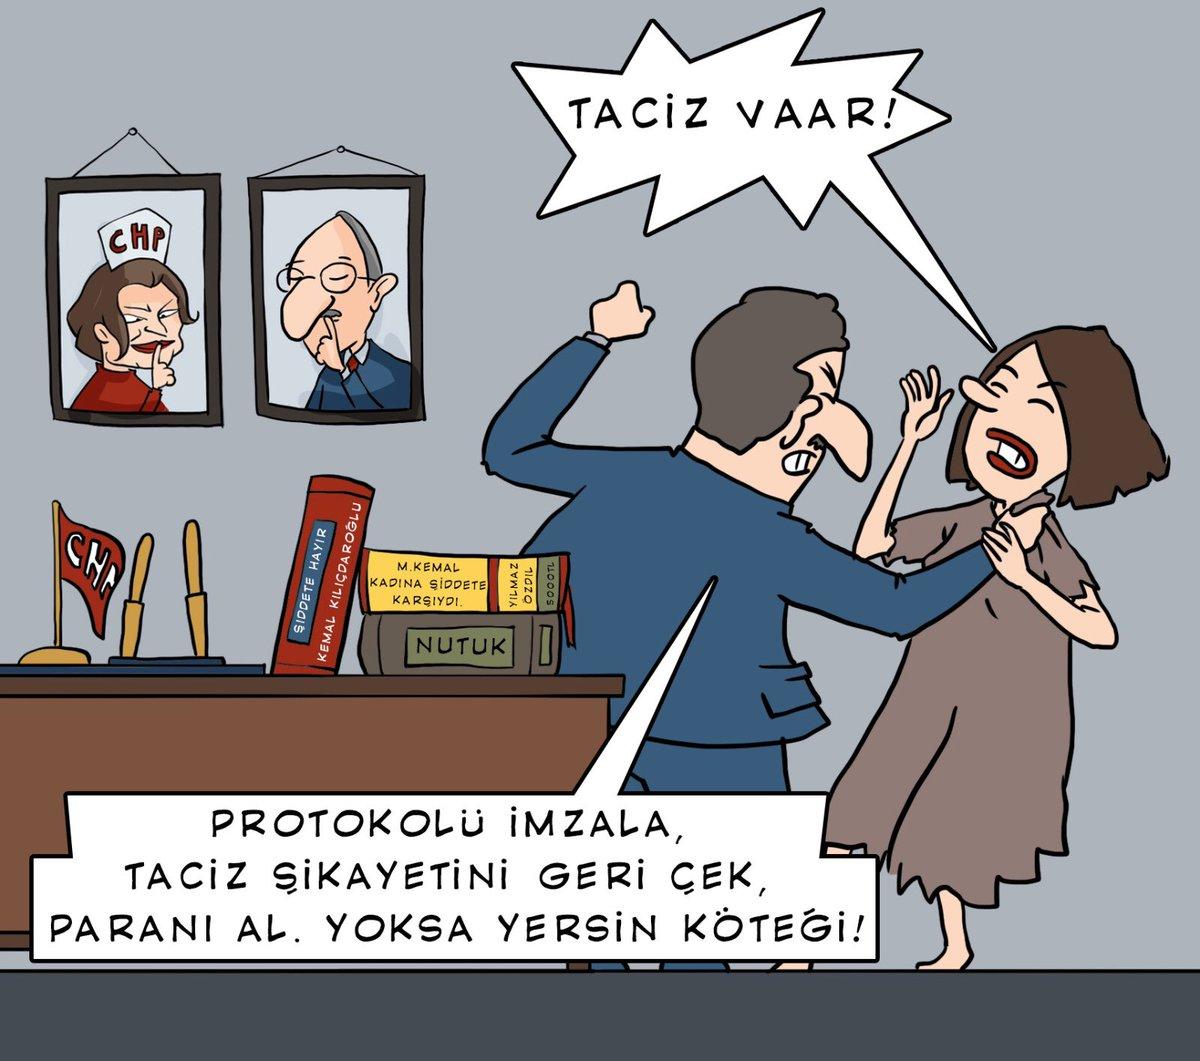 CHPnin hem taciz hem de tacizleri örtbas etme çabalarına #SessizKalmayın